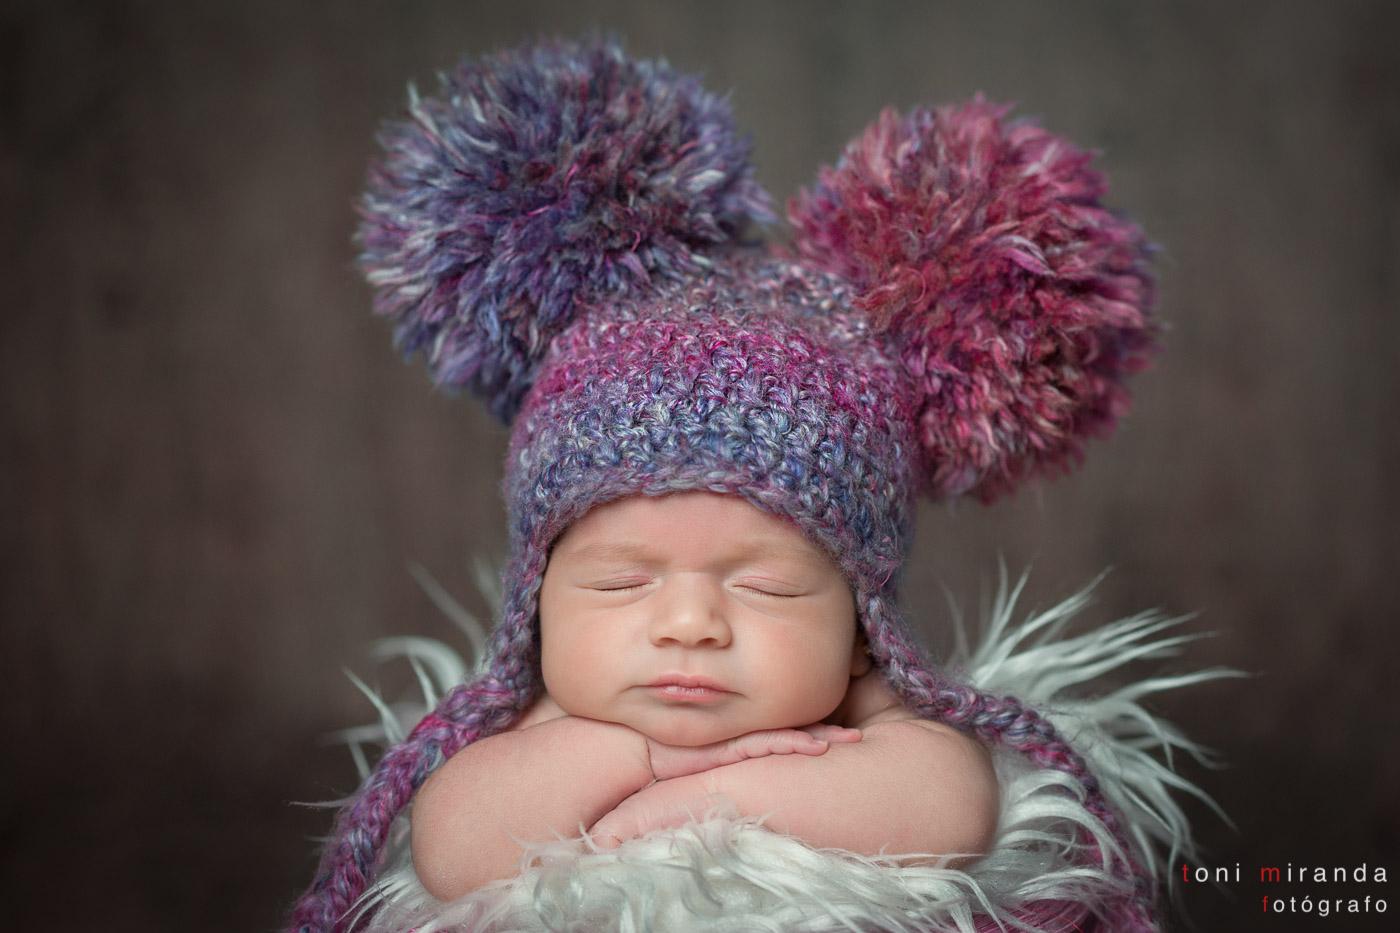 bebe recien nacida con atrezzo y gorro